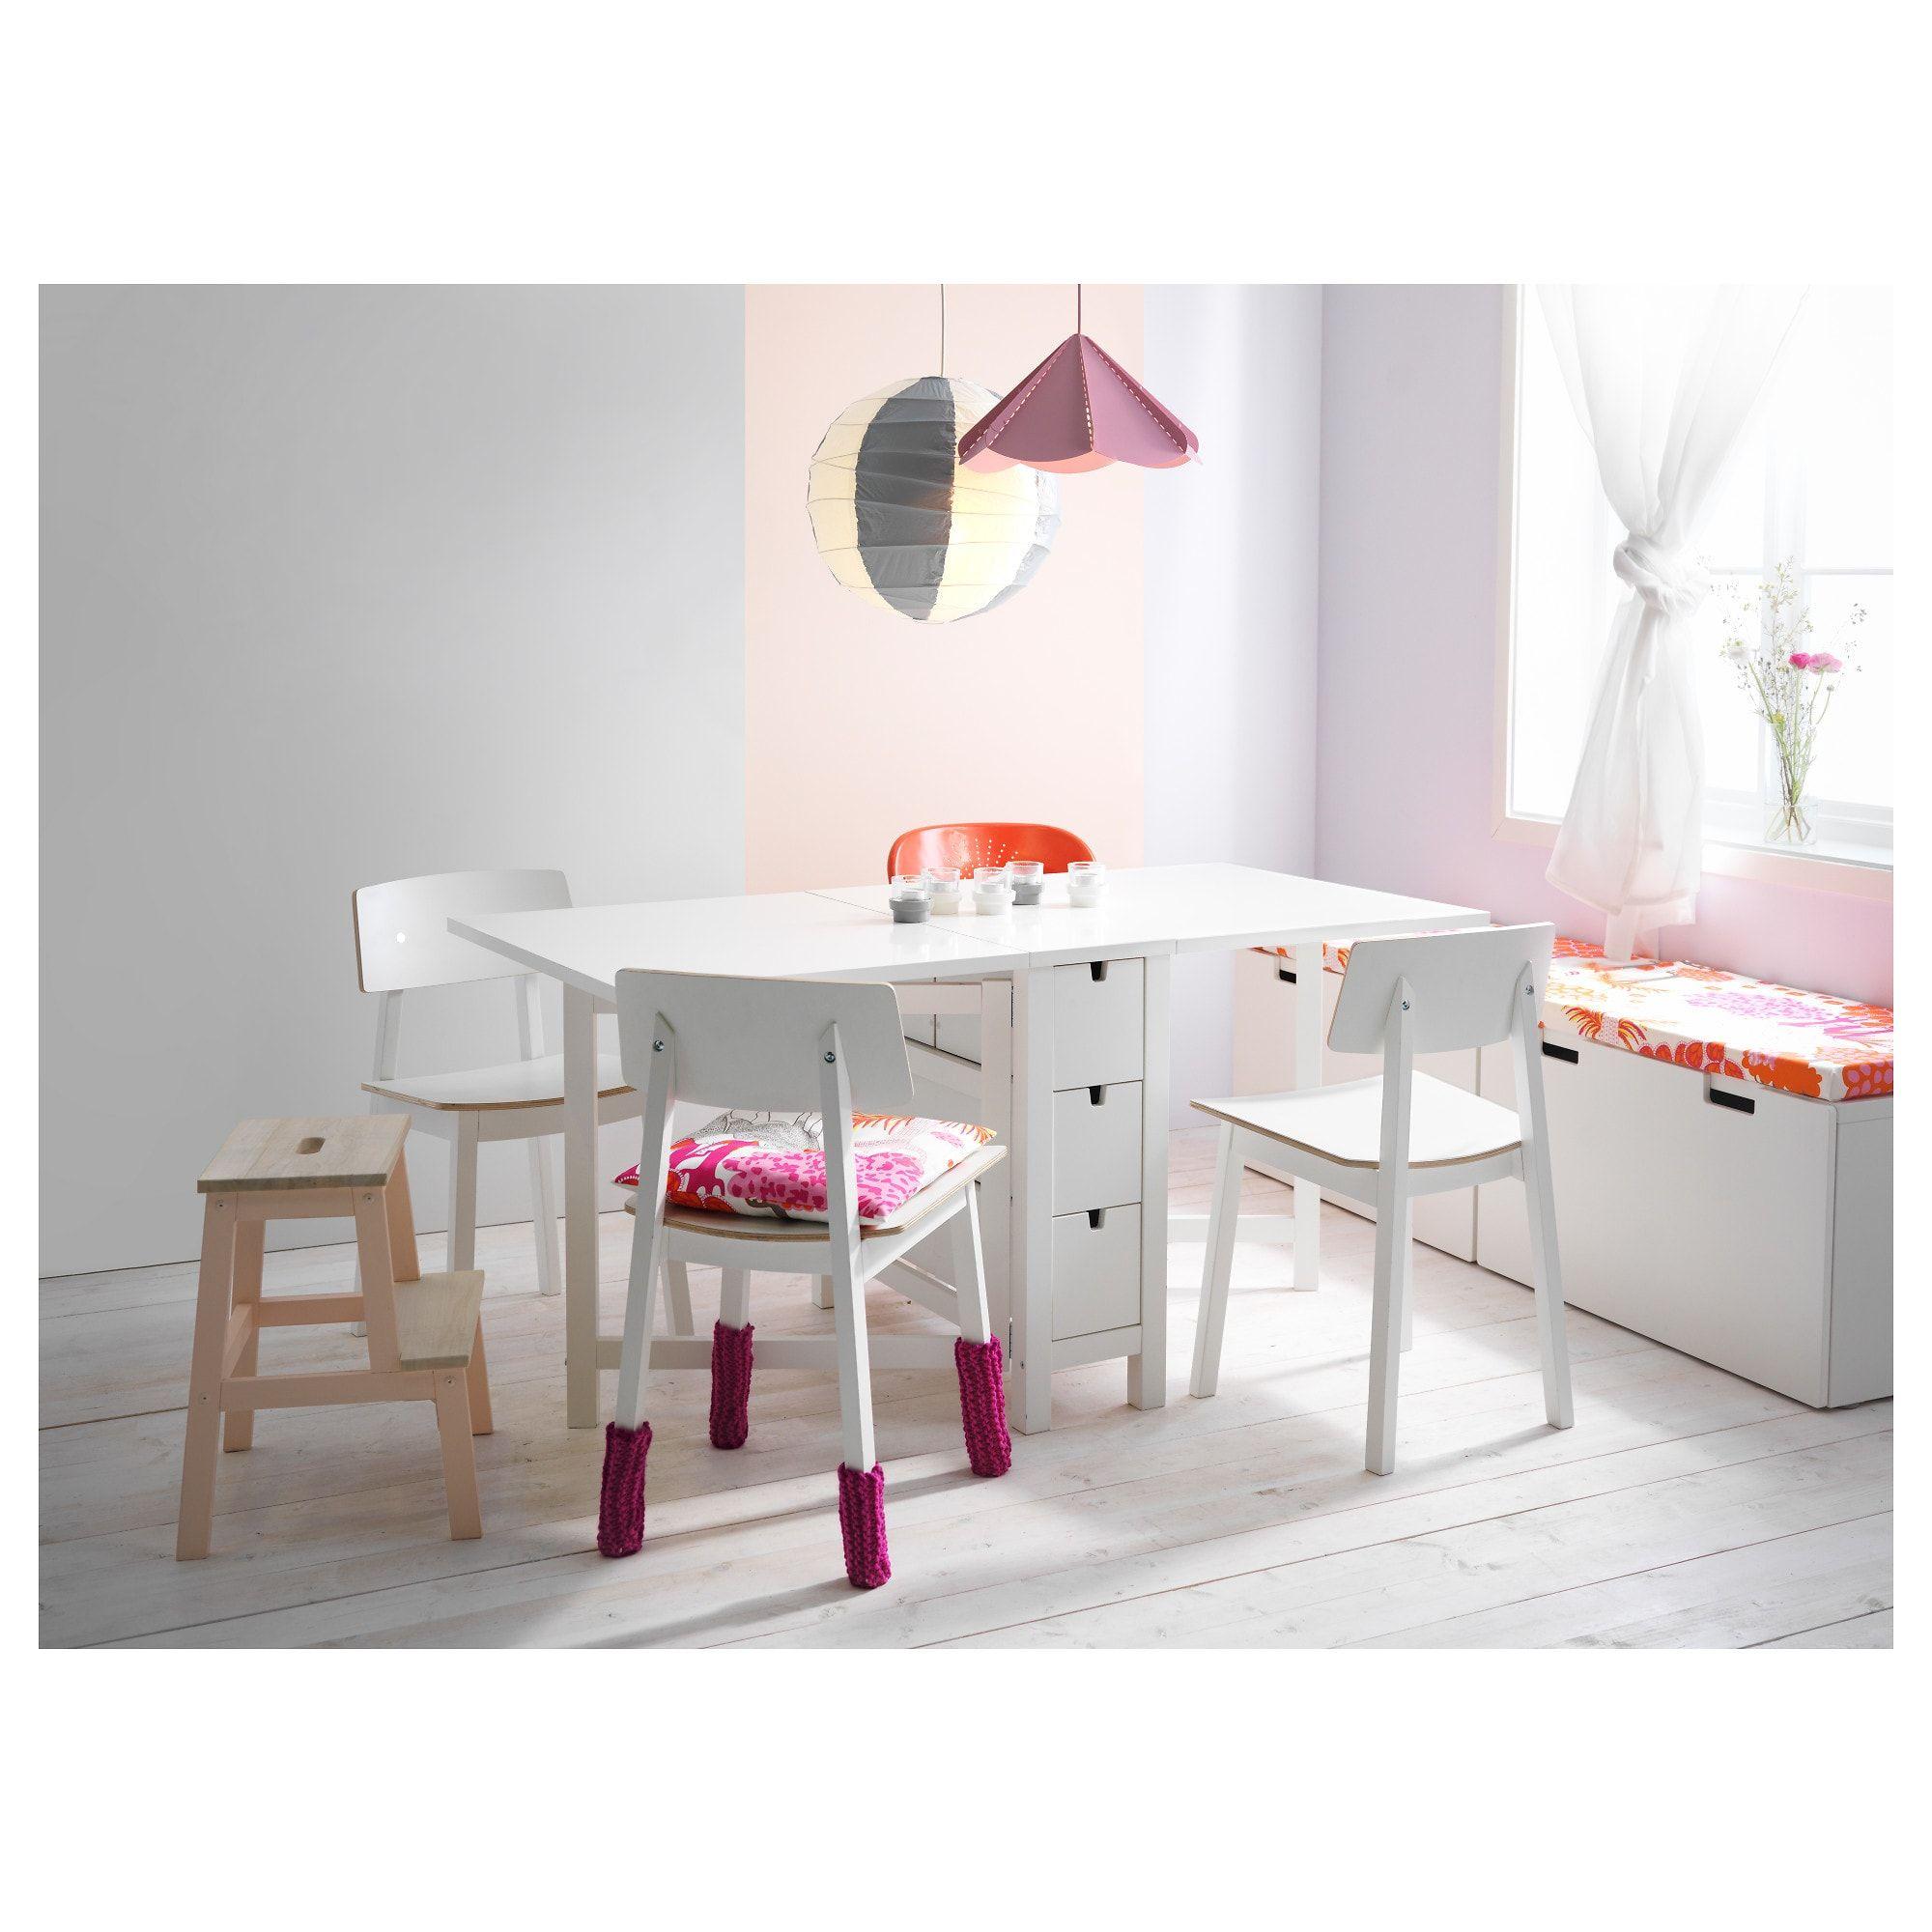 Ikea Norden Klapptisch Weiß.Norden Klapptisch Weiß Products In 2019 Küchenesstische